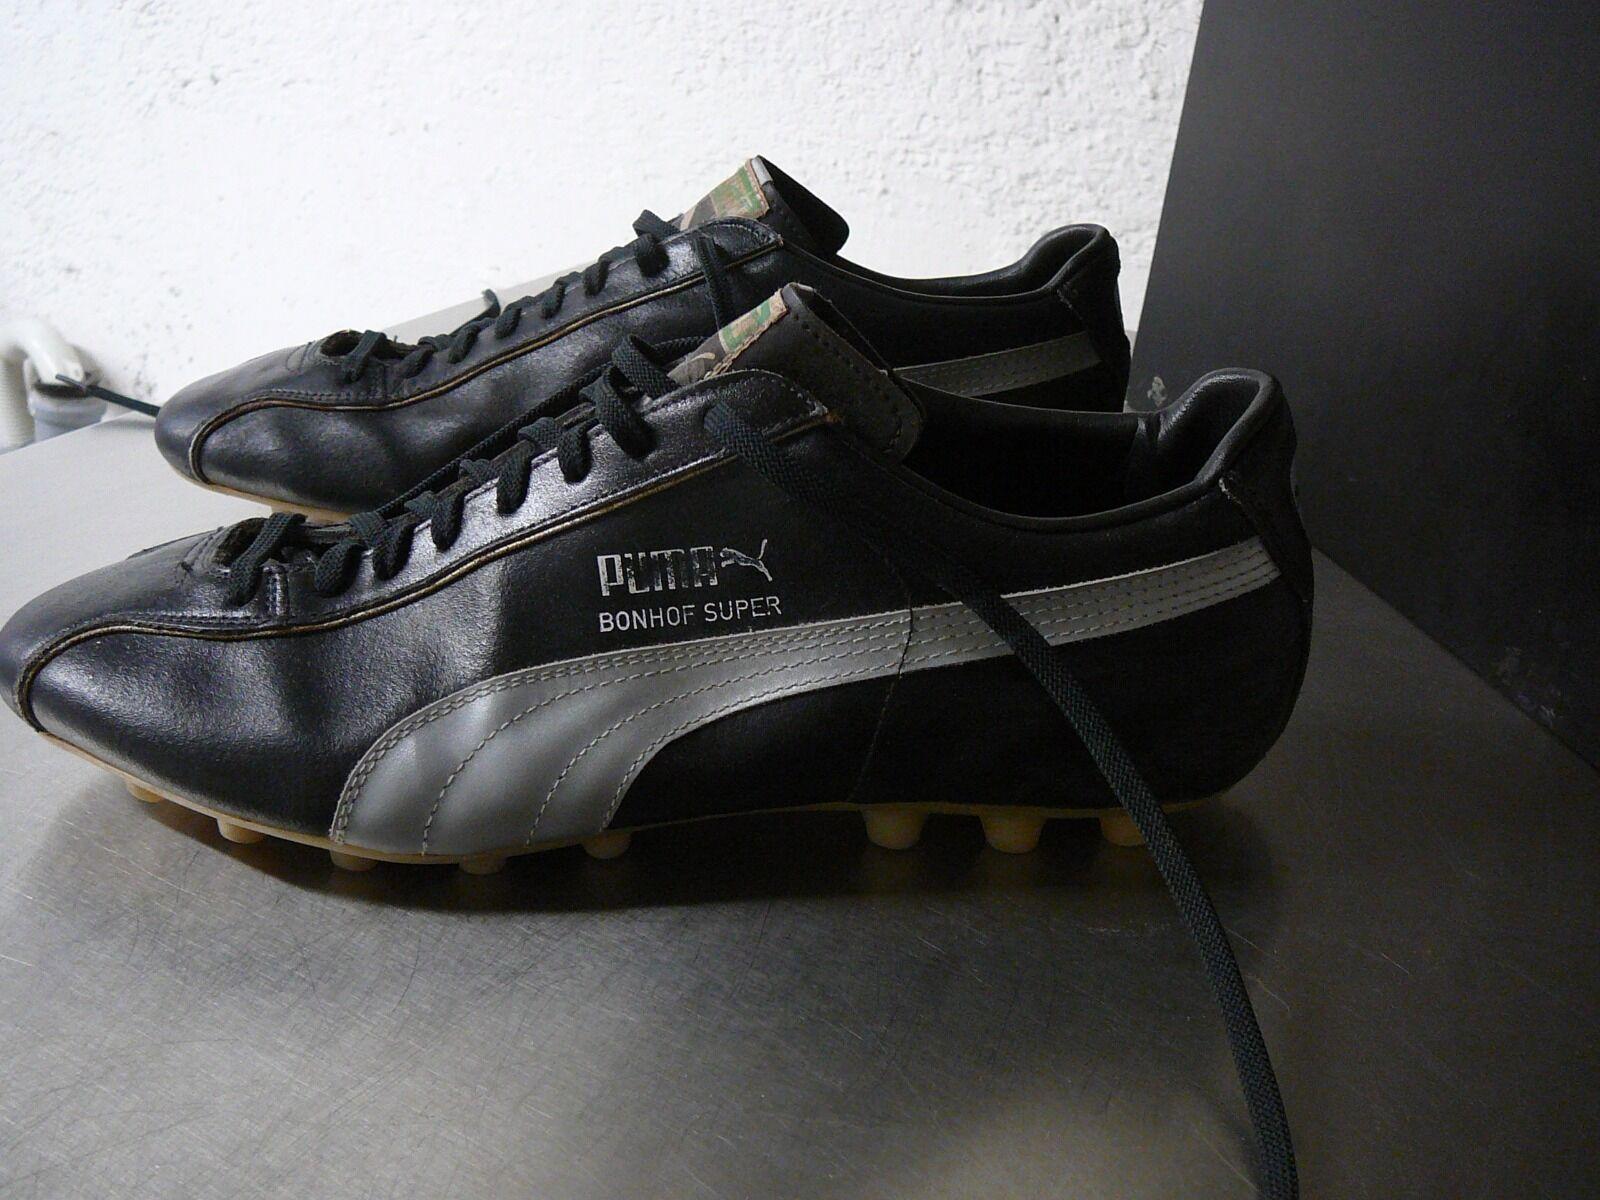 Puma vintage soccer Stiefel Bonhof Super UK 10 70iger    | Die Königin Der Qualität  4086c4